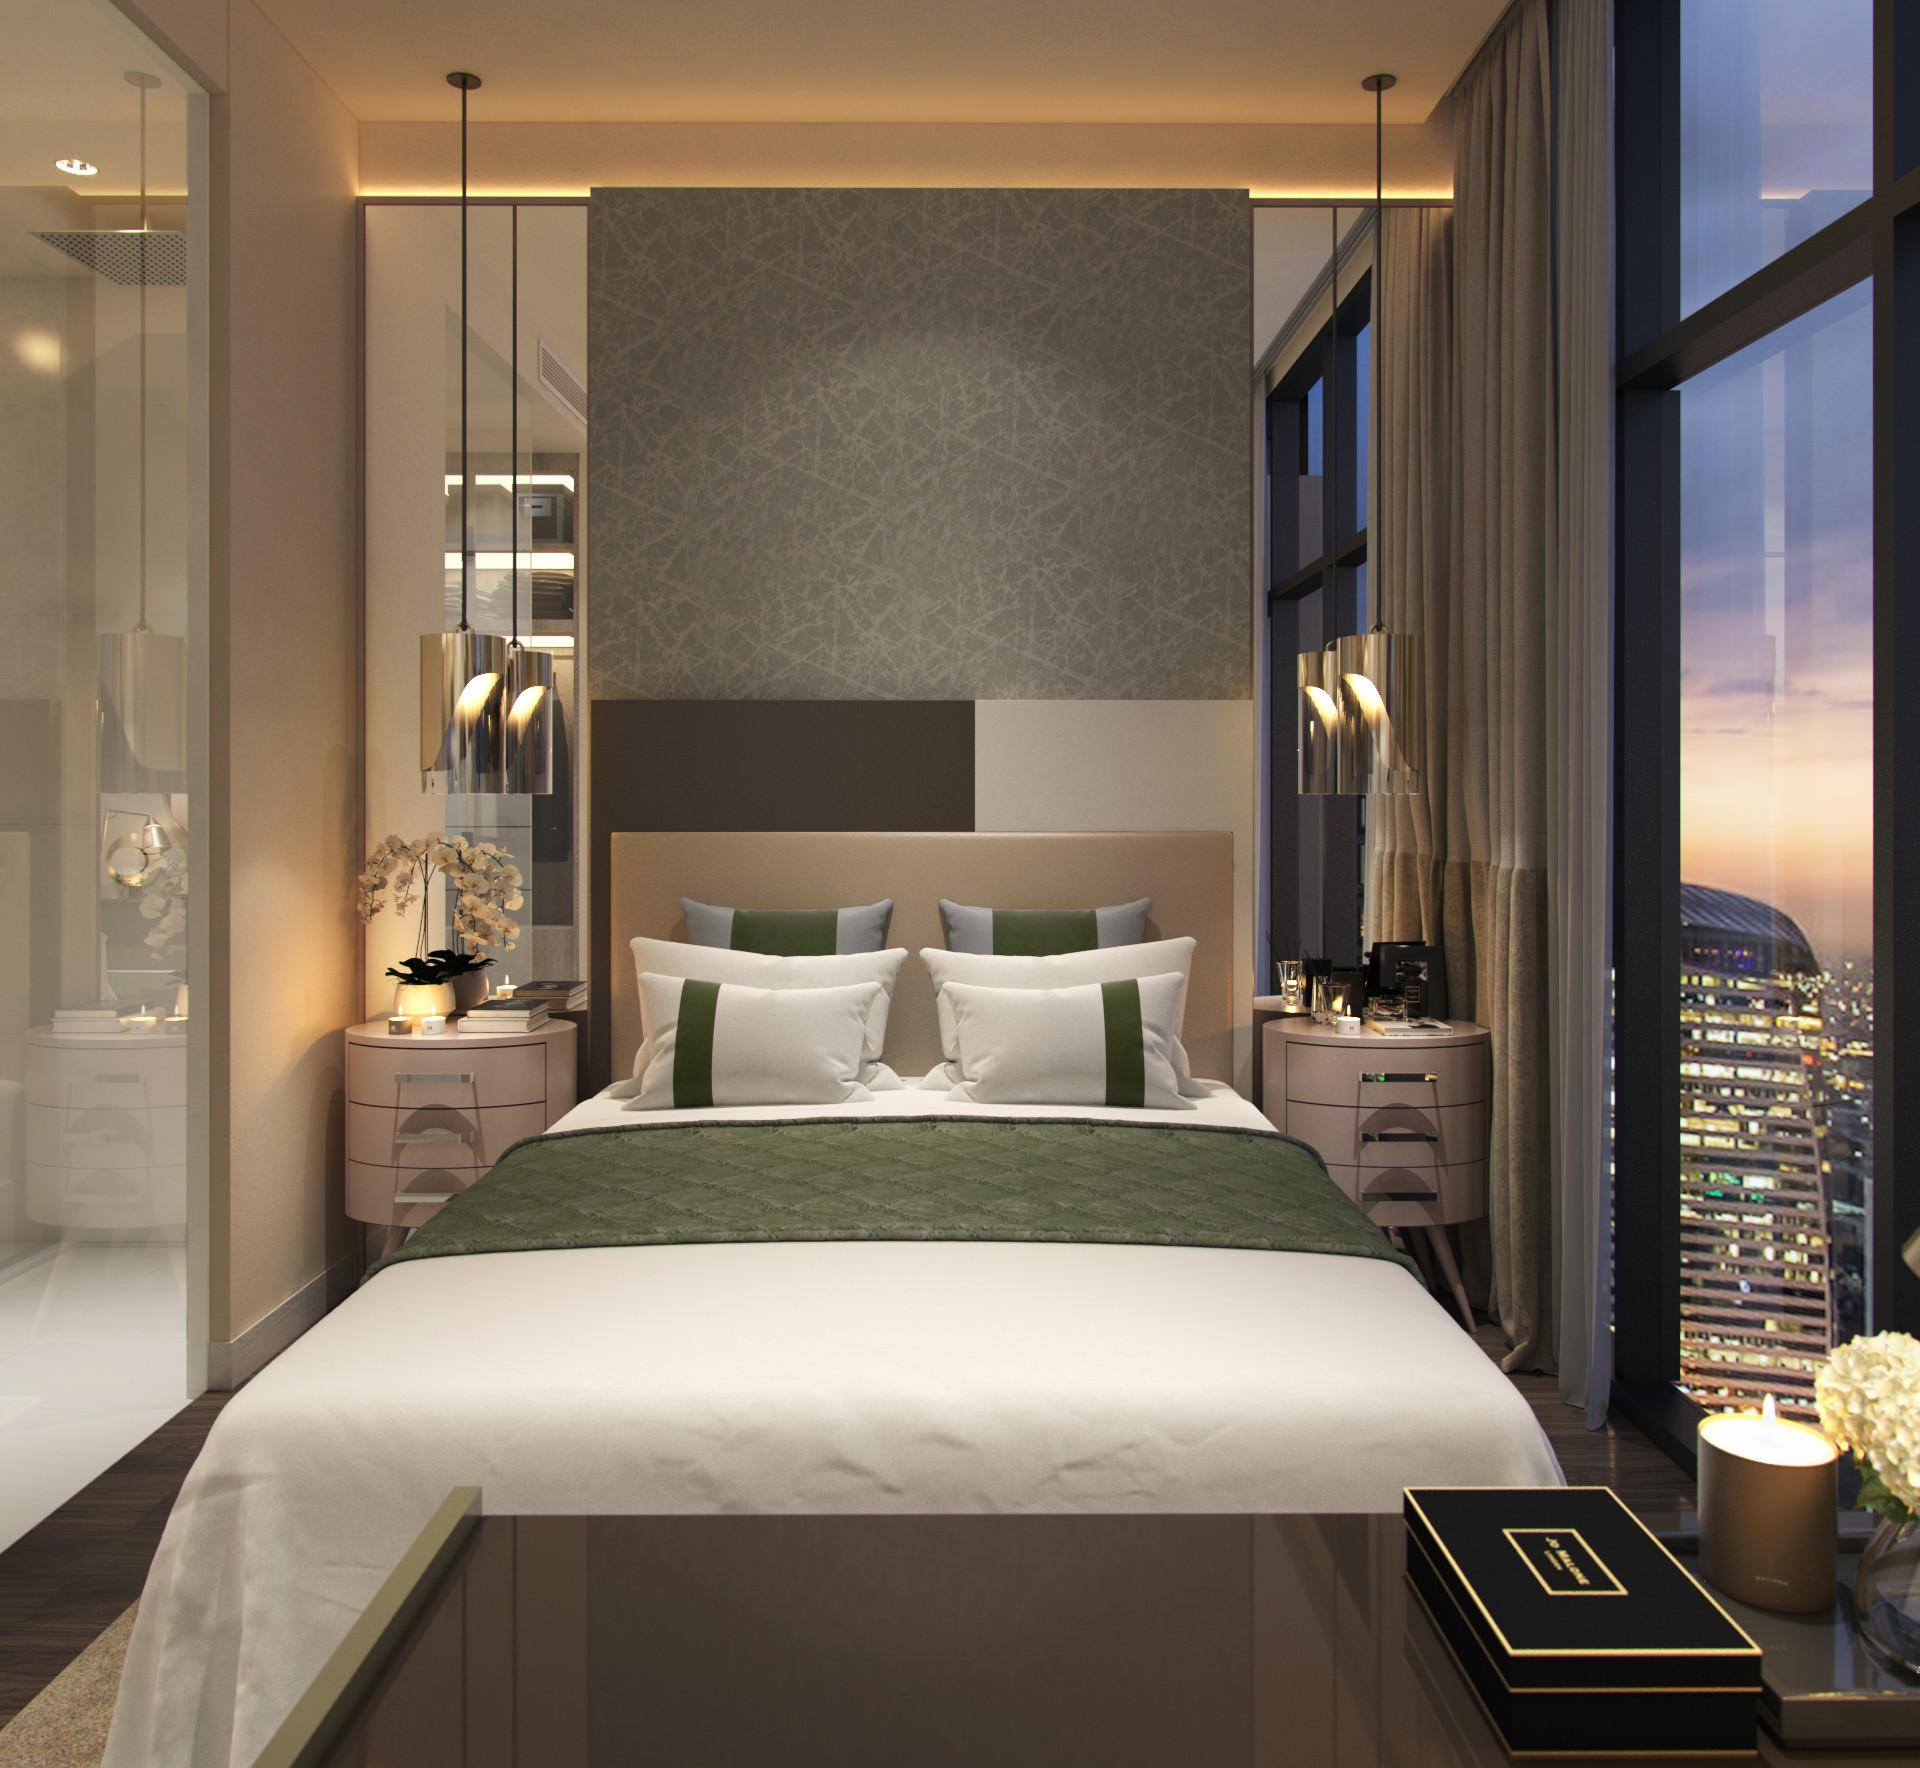 125SQM_GuestBedroom_ViewA_01.jpg